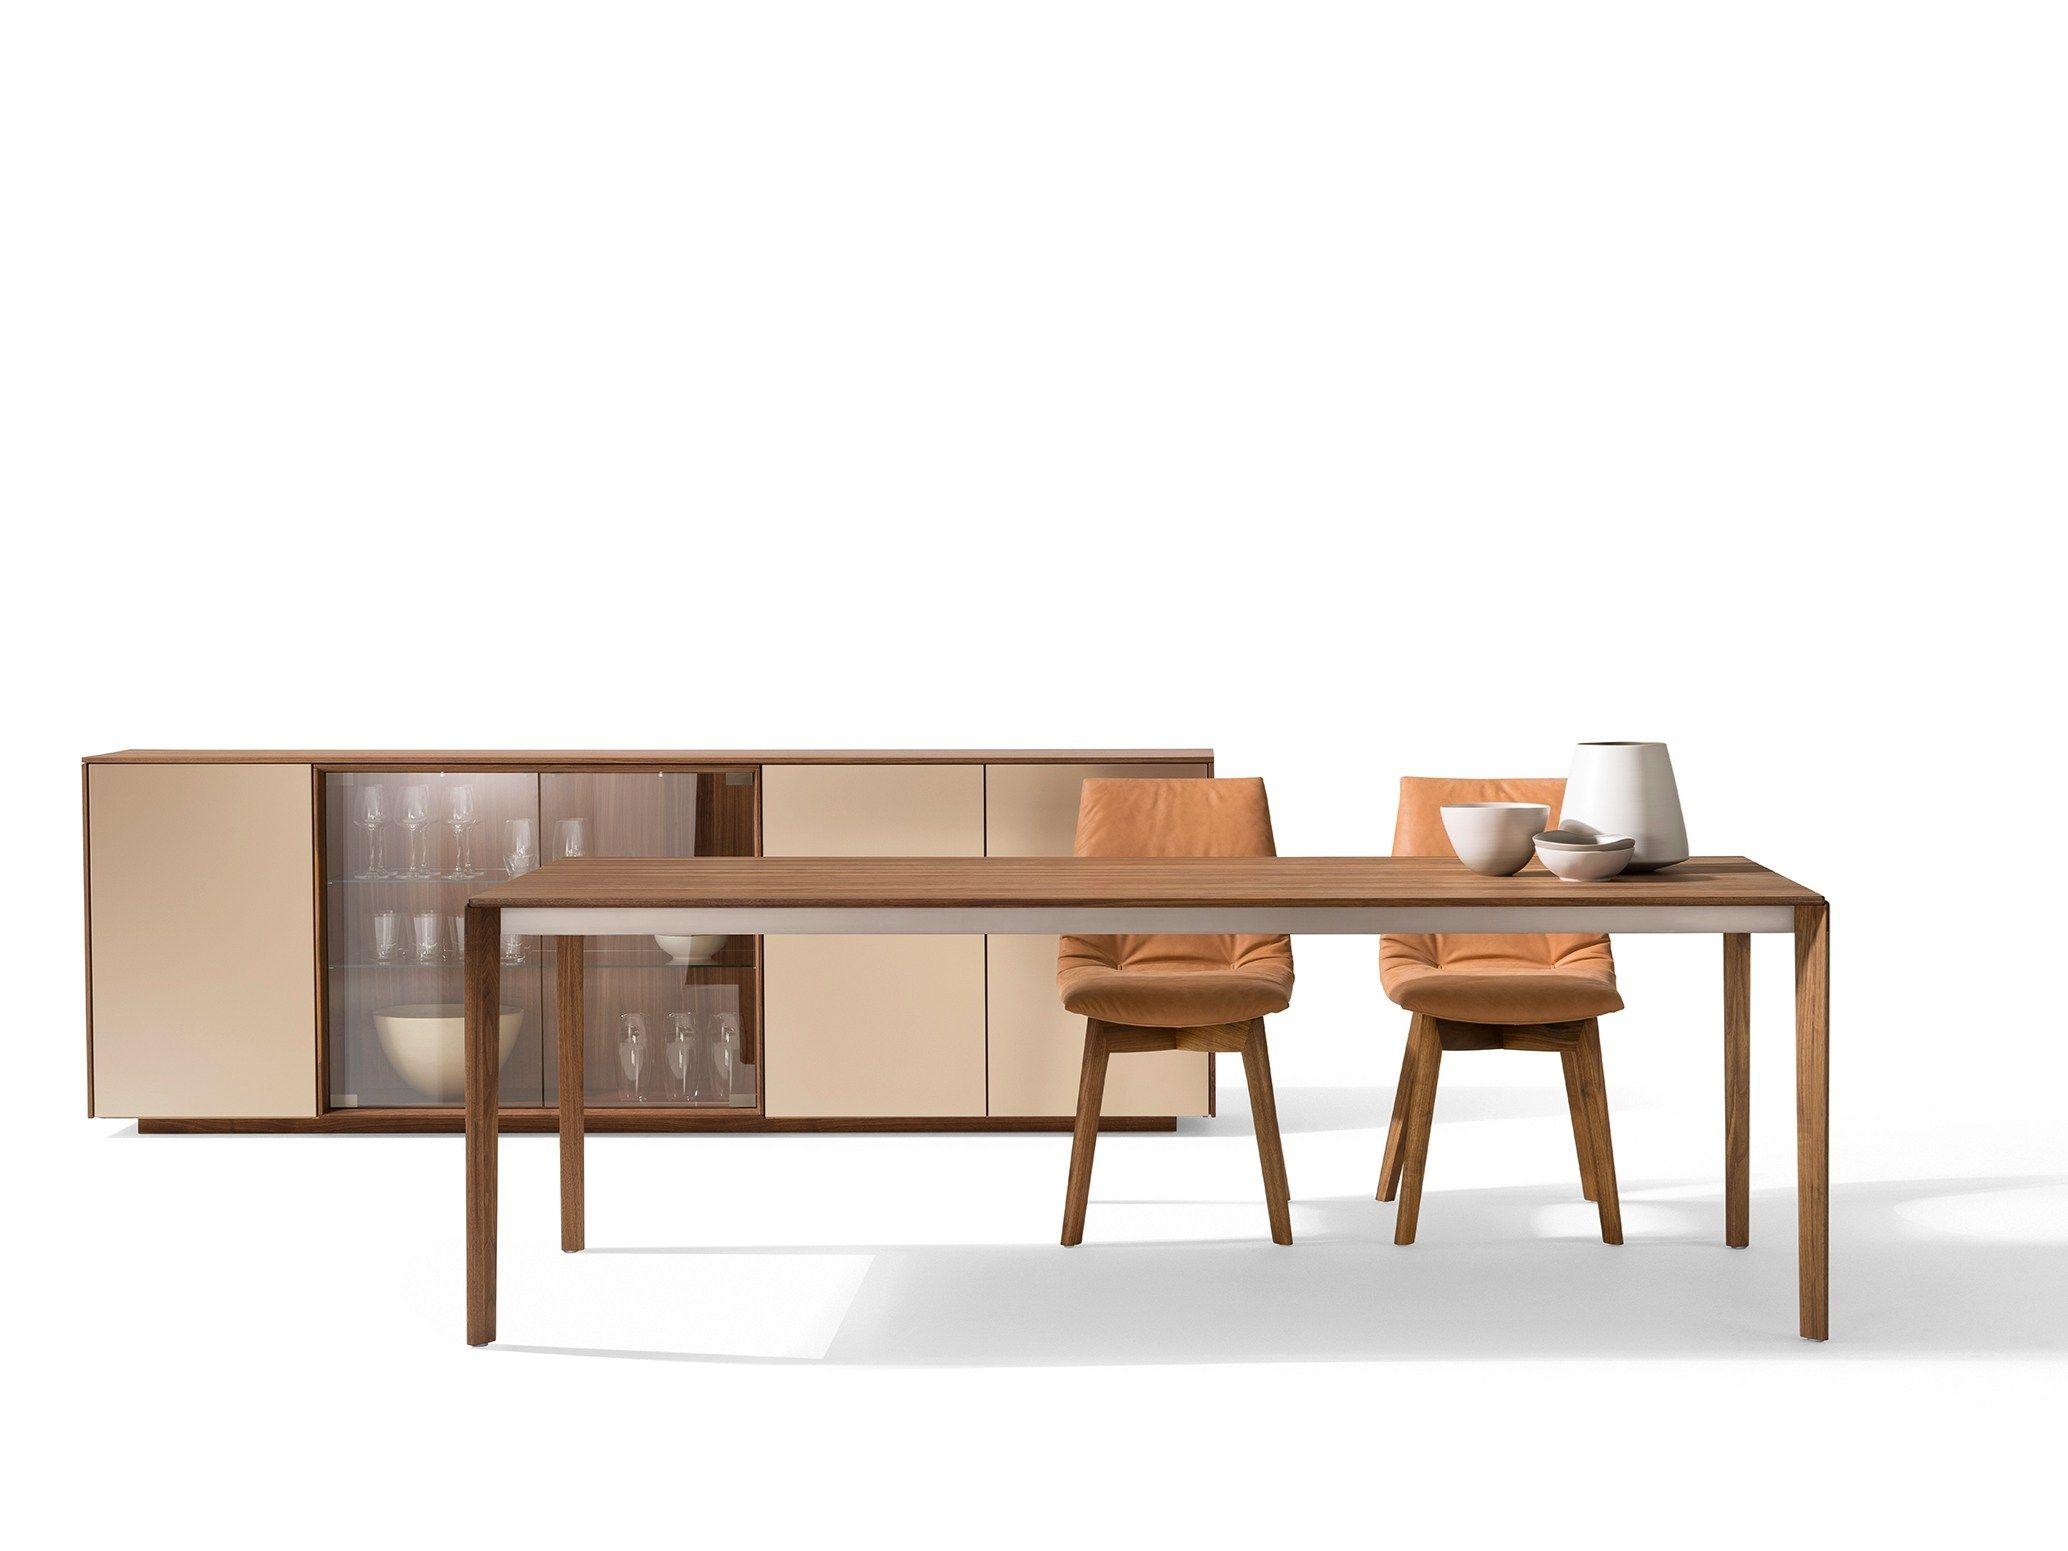 TAK Tavolo in legno massello by TEAM 7 Natürlich Wohnen design ...